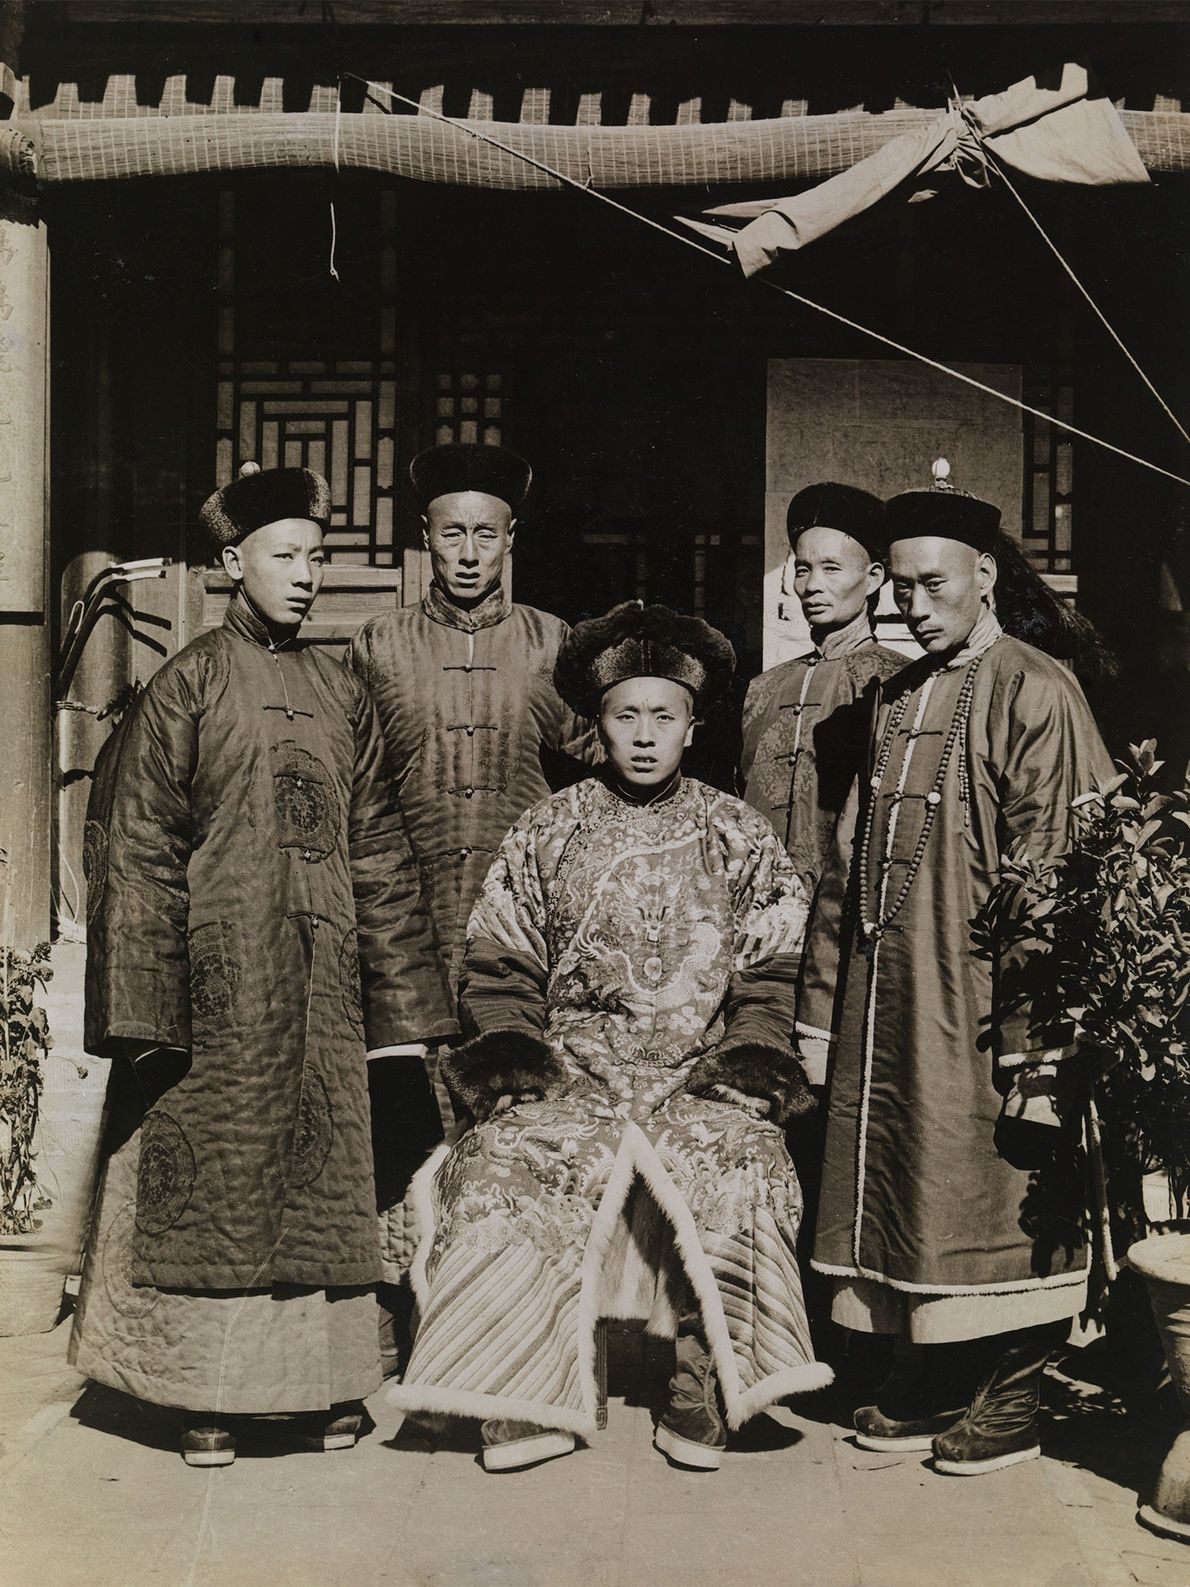 Mandschuren in China tragen elegante Kleidung aus Seide und Pelzhüte, um ihren sozialen Status zu zeigen.